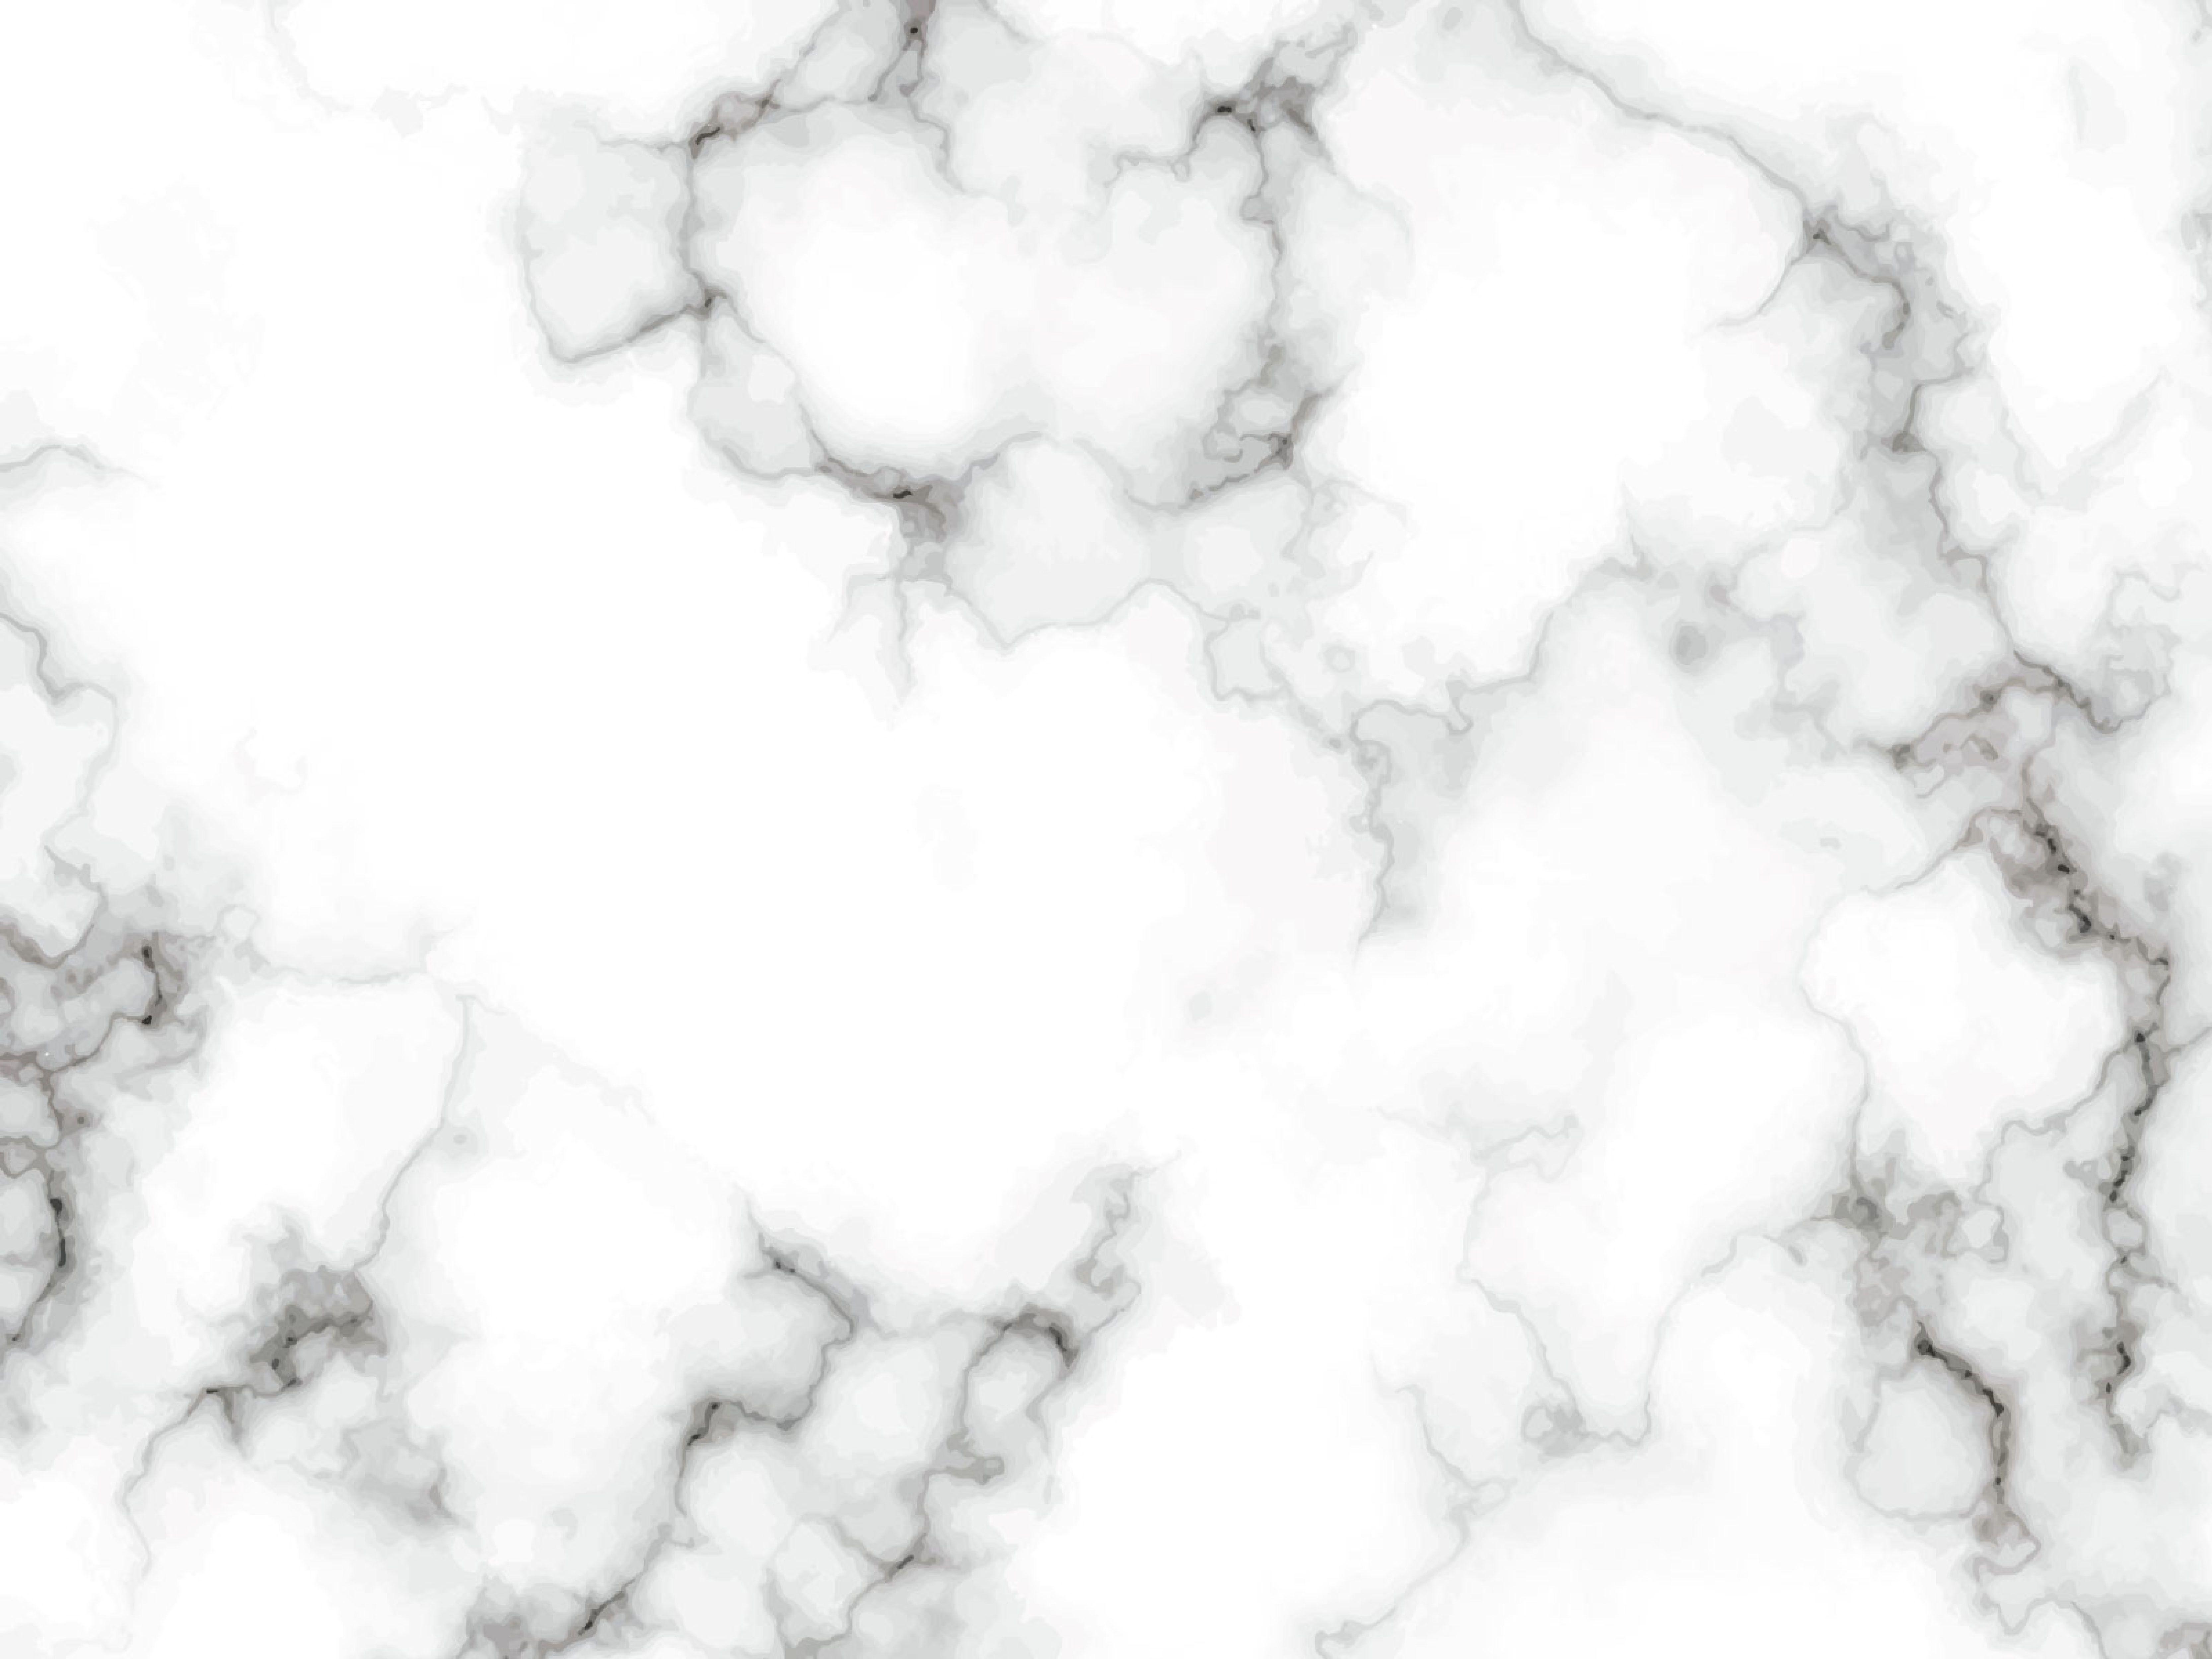 Cr dence adh sive marbre blanc marbre blanc cr dence et adh sif - Rouleau adhesif effet marbre ...